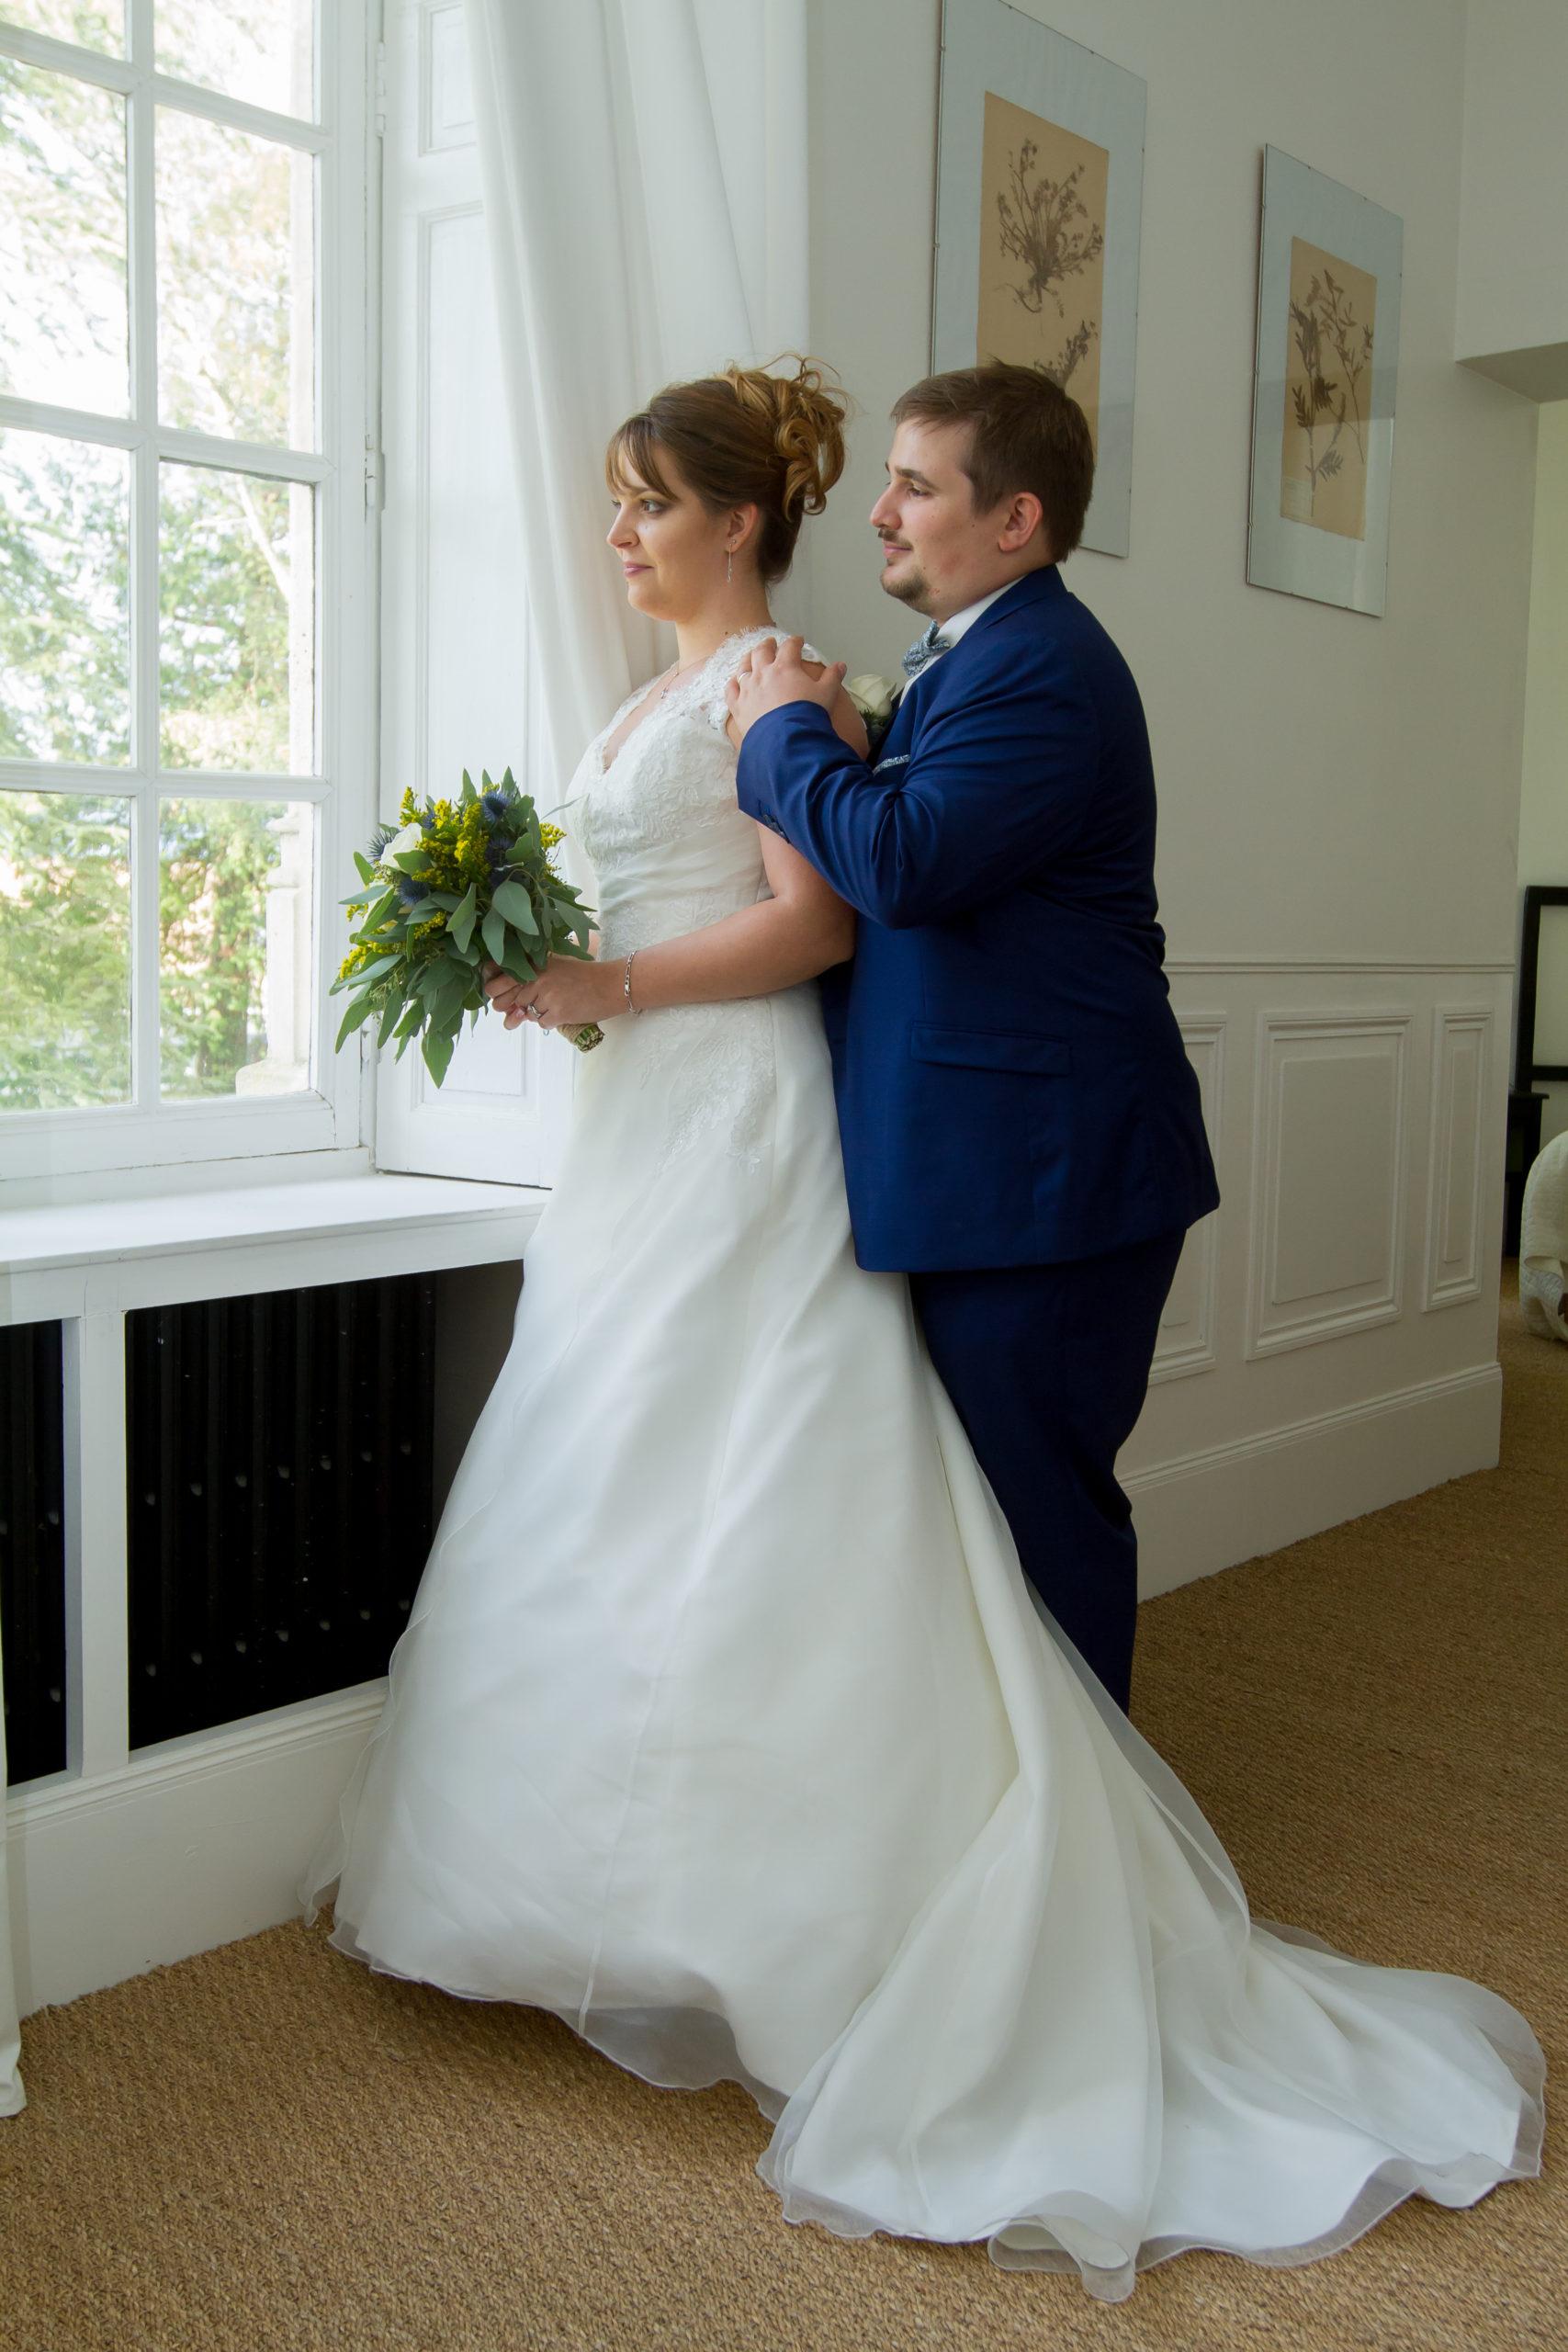 Mariage A&J - Photo des mariés regardant par la fenêtre - C&D Events Wedding planner Oise et Paris